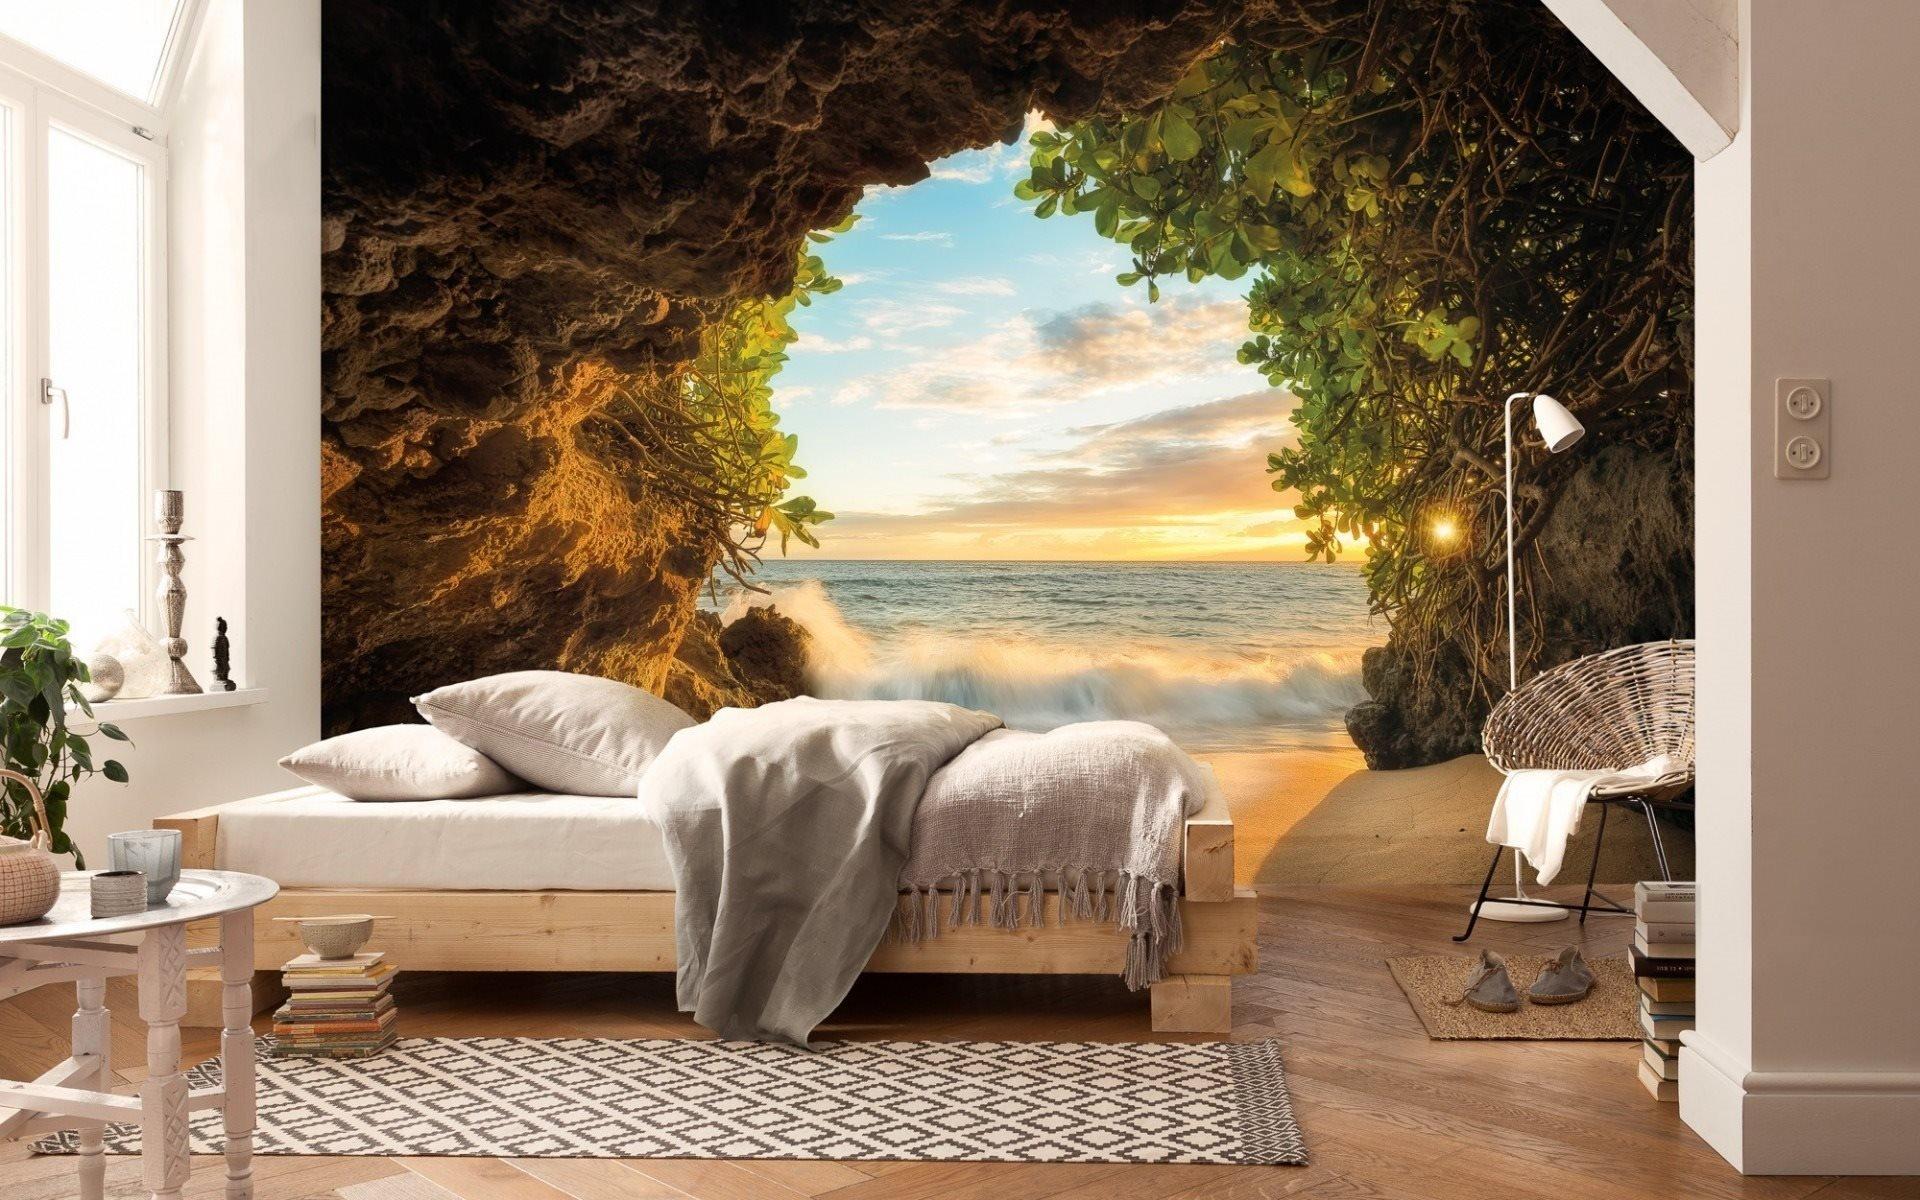 красивые картинки для картины в комнату свадебном дресс-коде